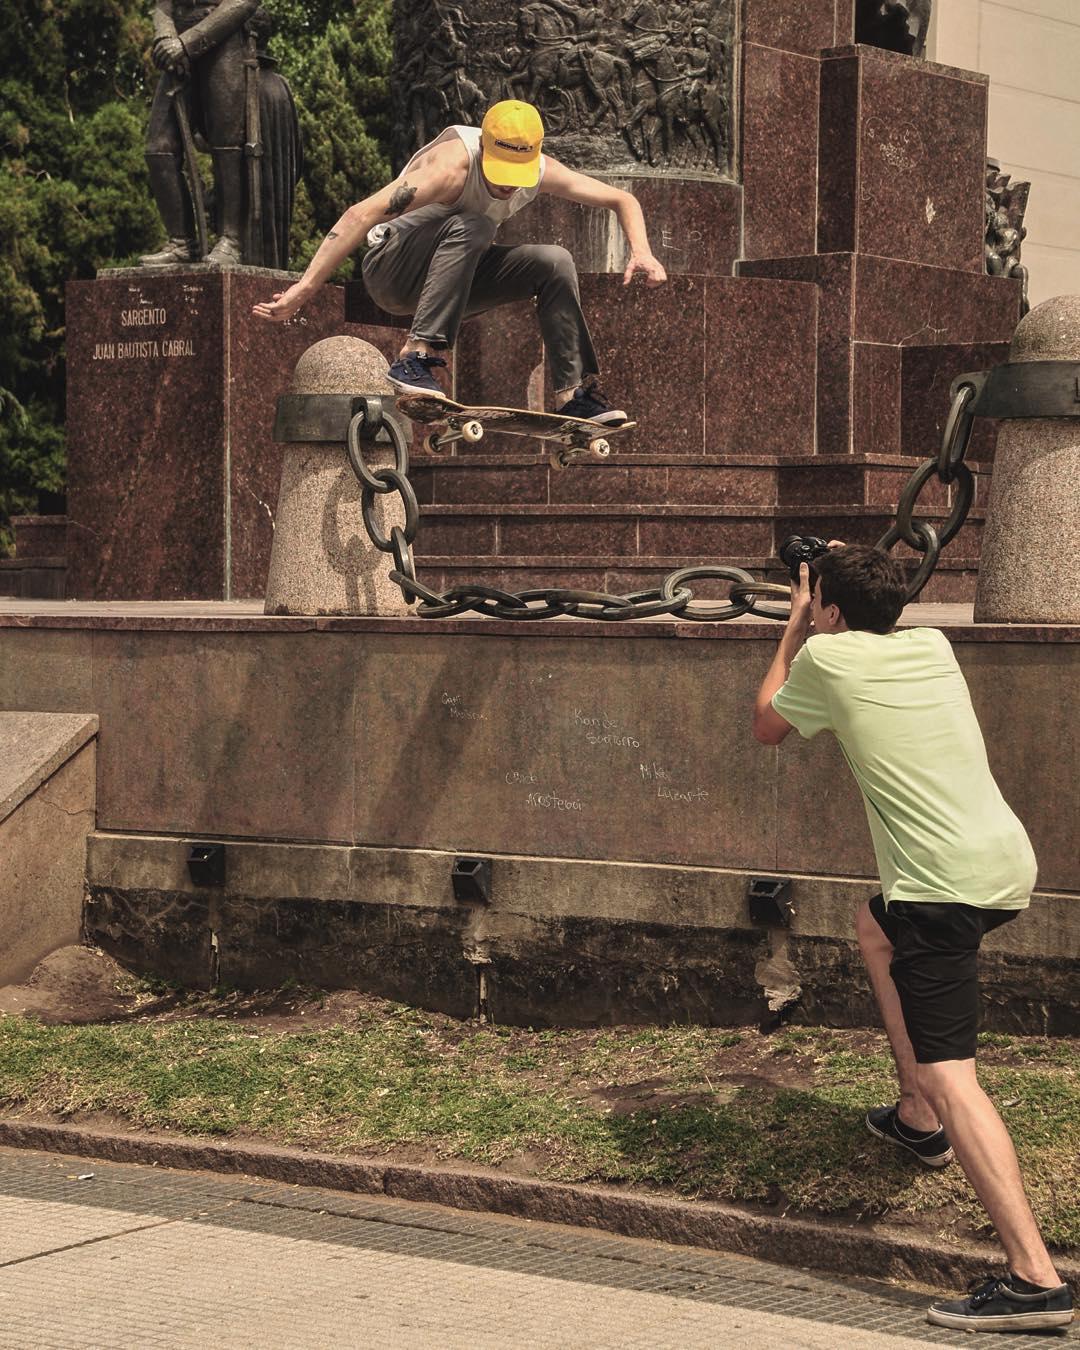 Evadiendo cadenas.  @tucadepucho de fakie